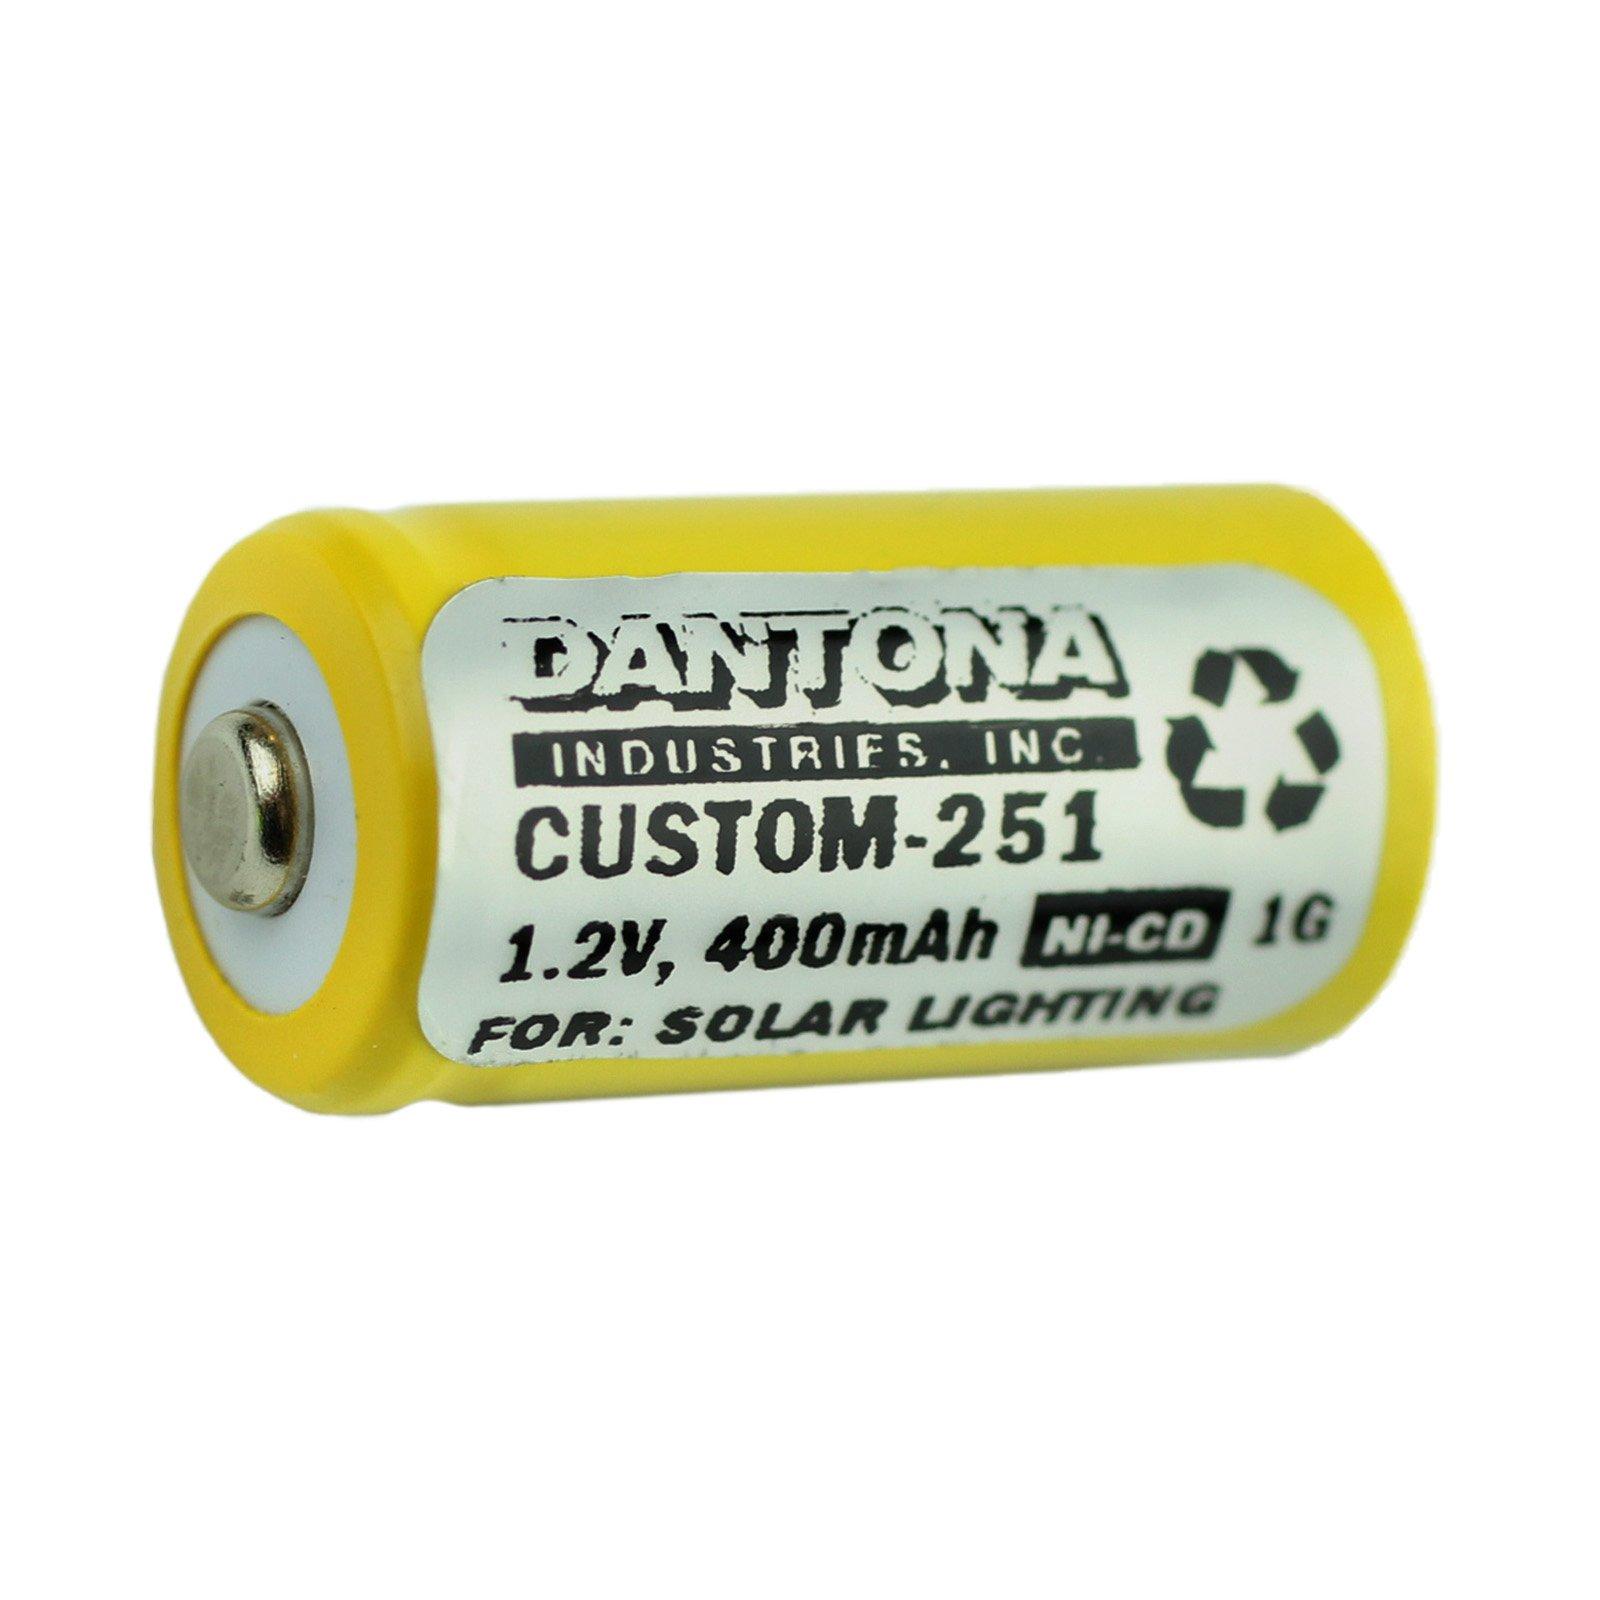 Solar Outdoor Lights No Batteries: Solar Outdoor Lights Battery: BatteryMart.com